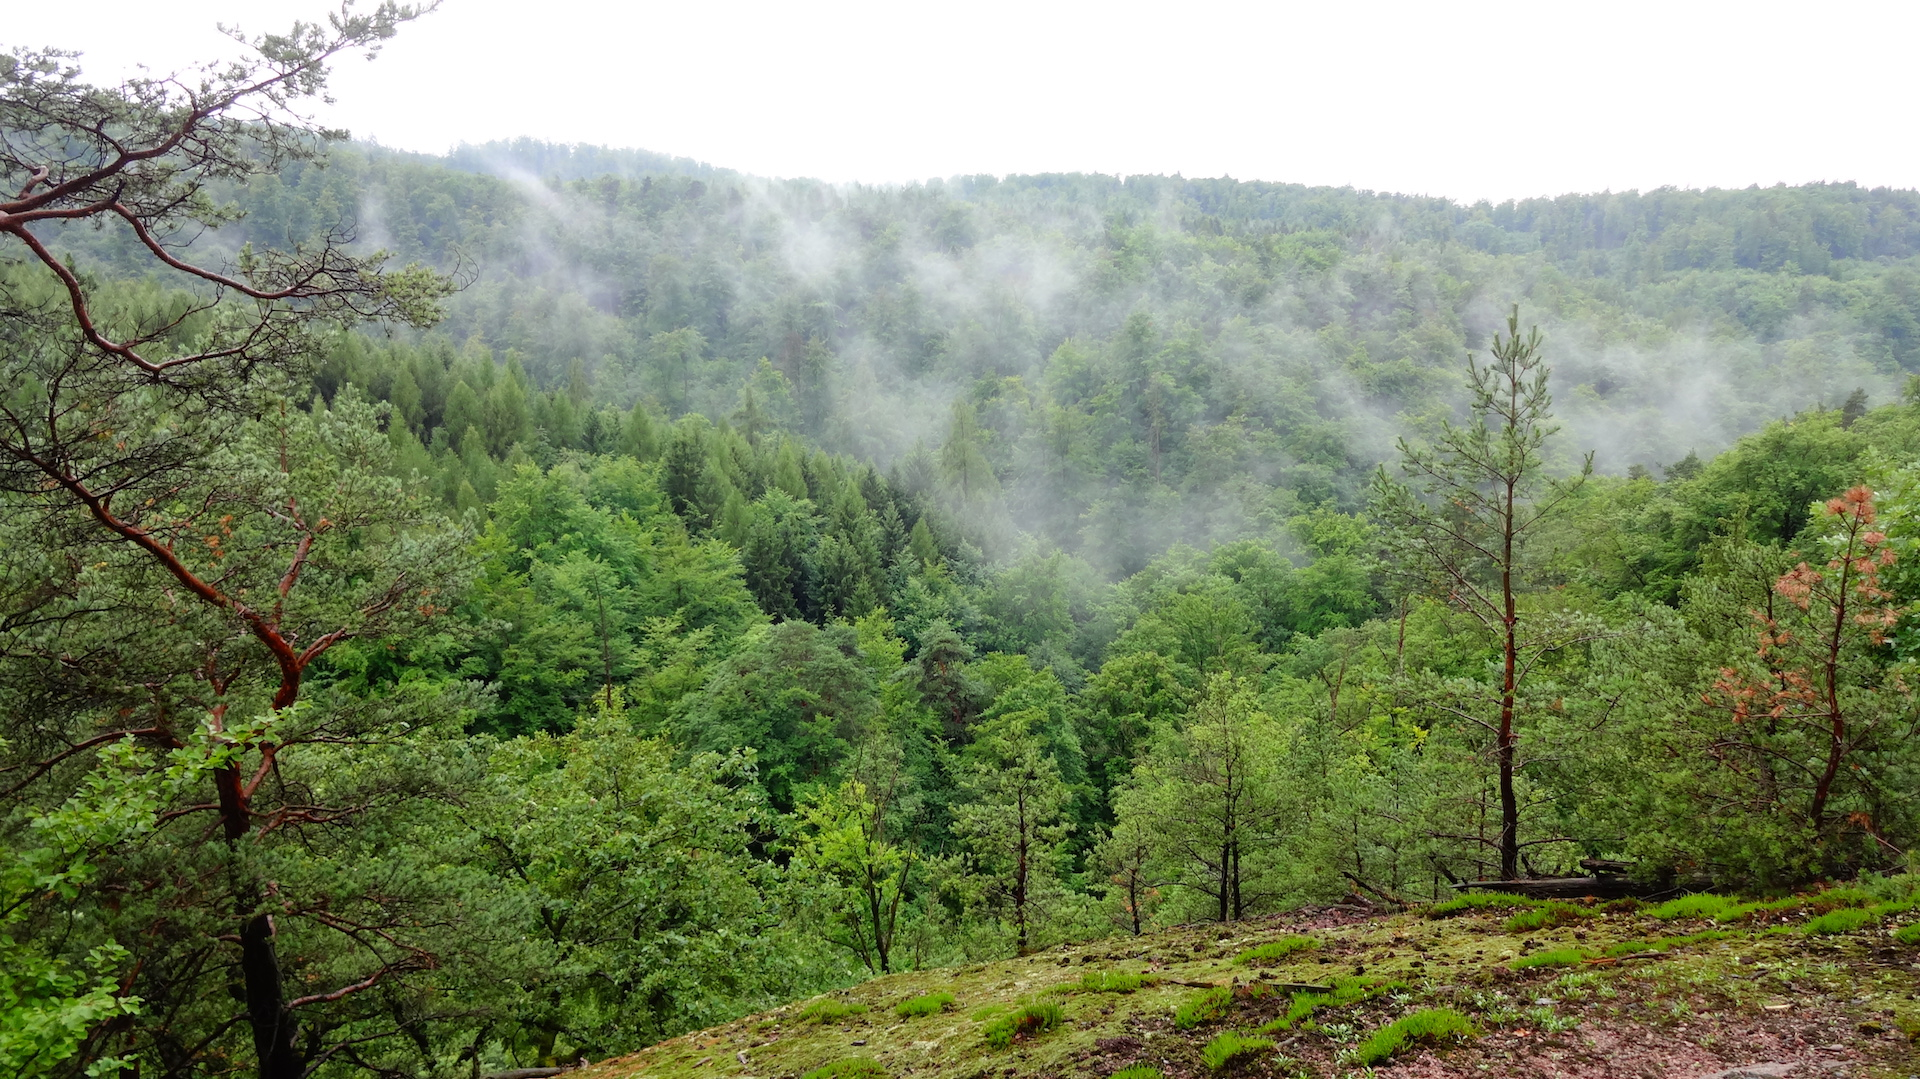 Nebelschwaden über den Baumkronen